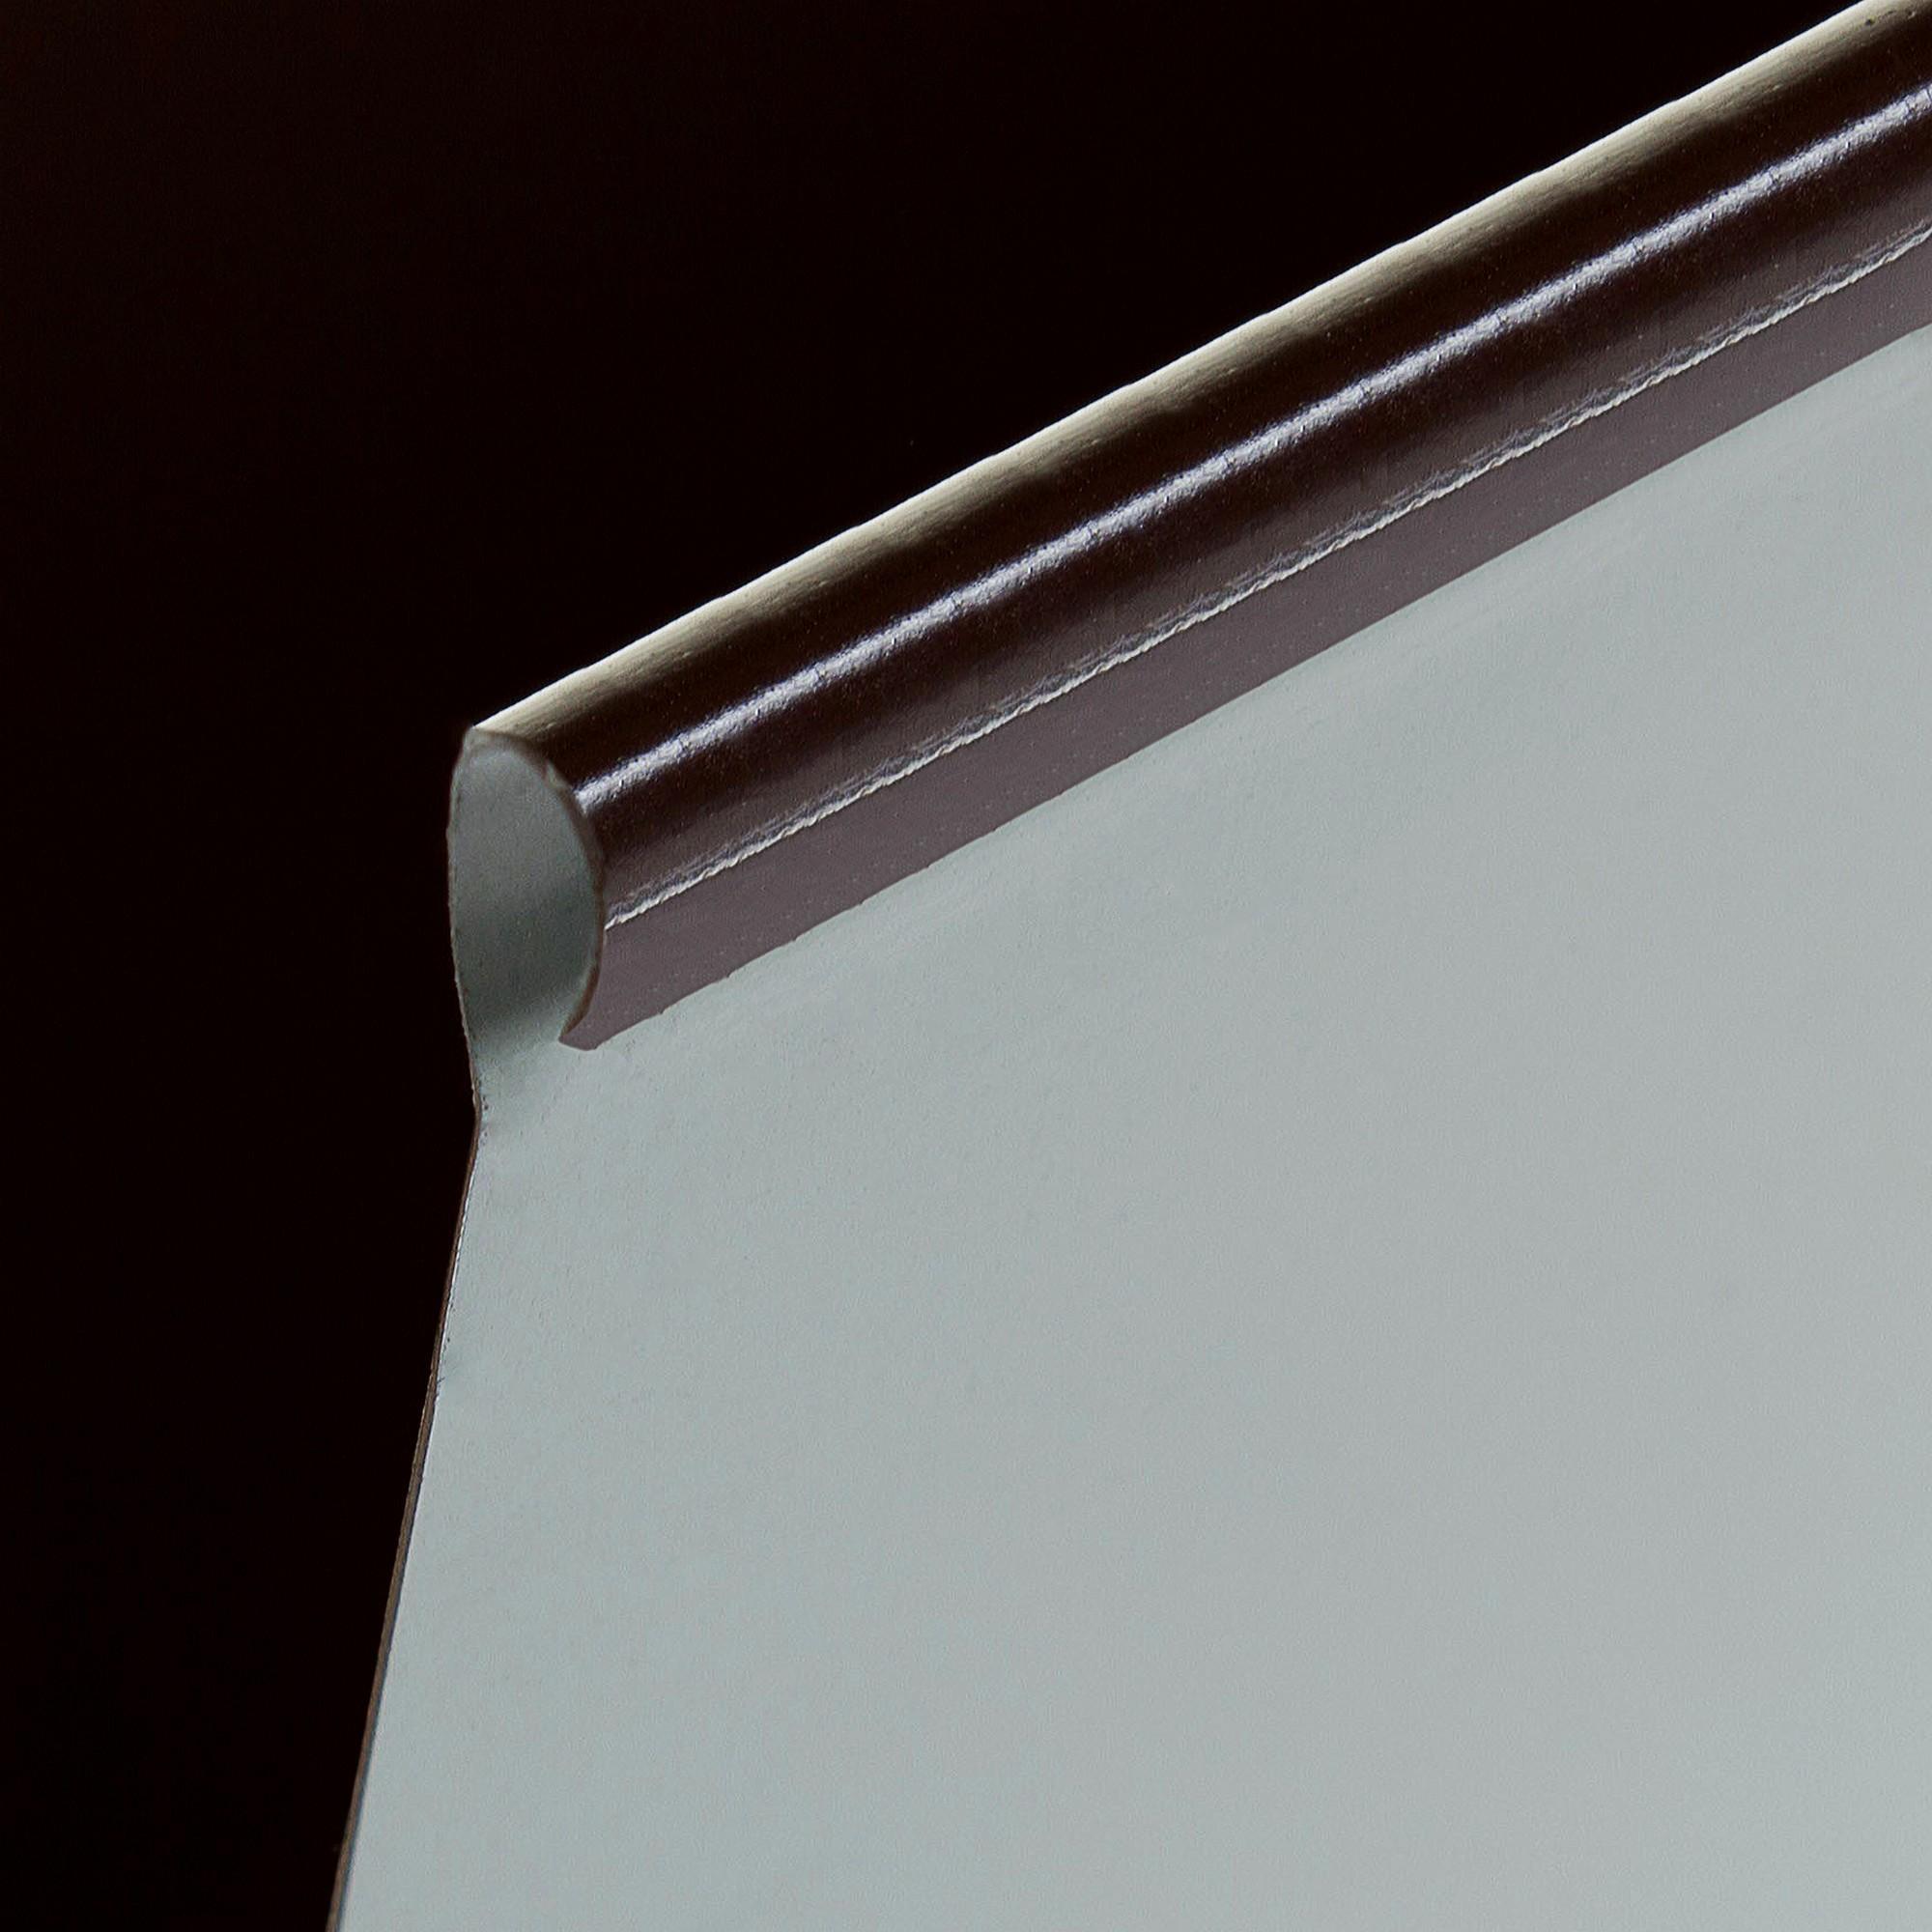 Жоғарғы жіктелуі жұқа тақтайы, материалы-полиэстер жабындылы метал, ұзындығы 2 м, түсі-қоңыр